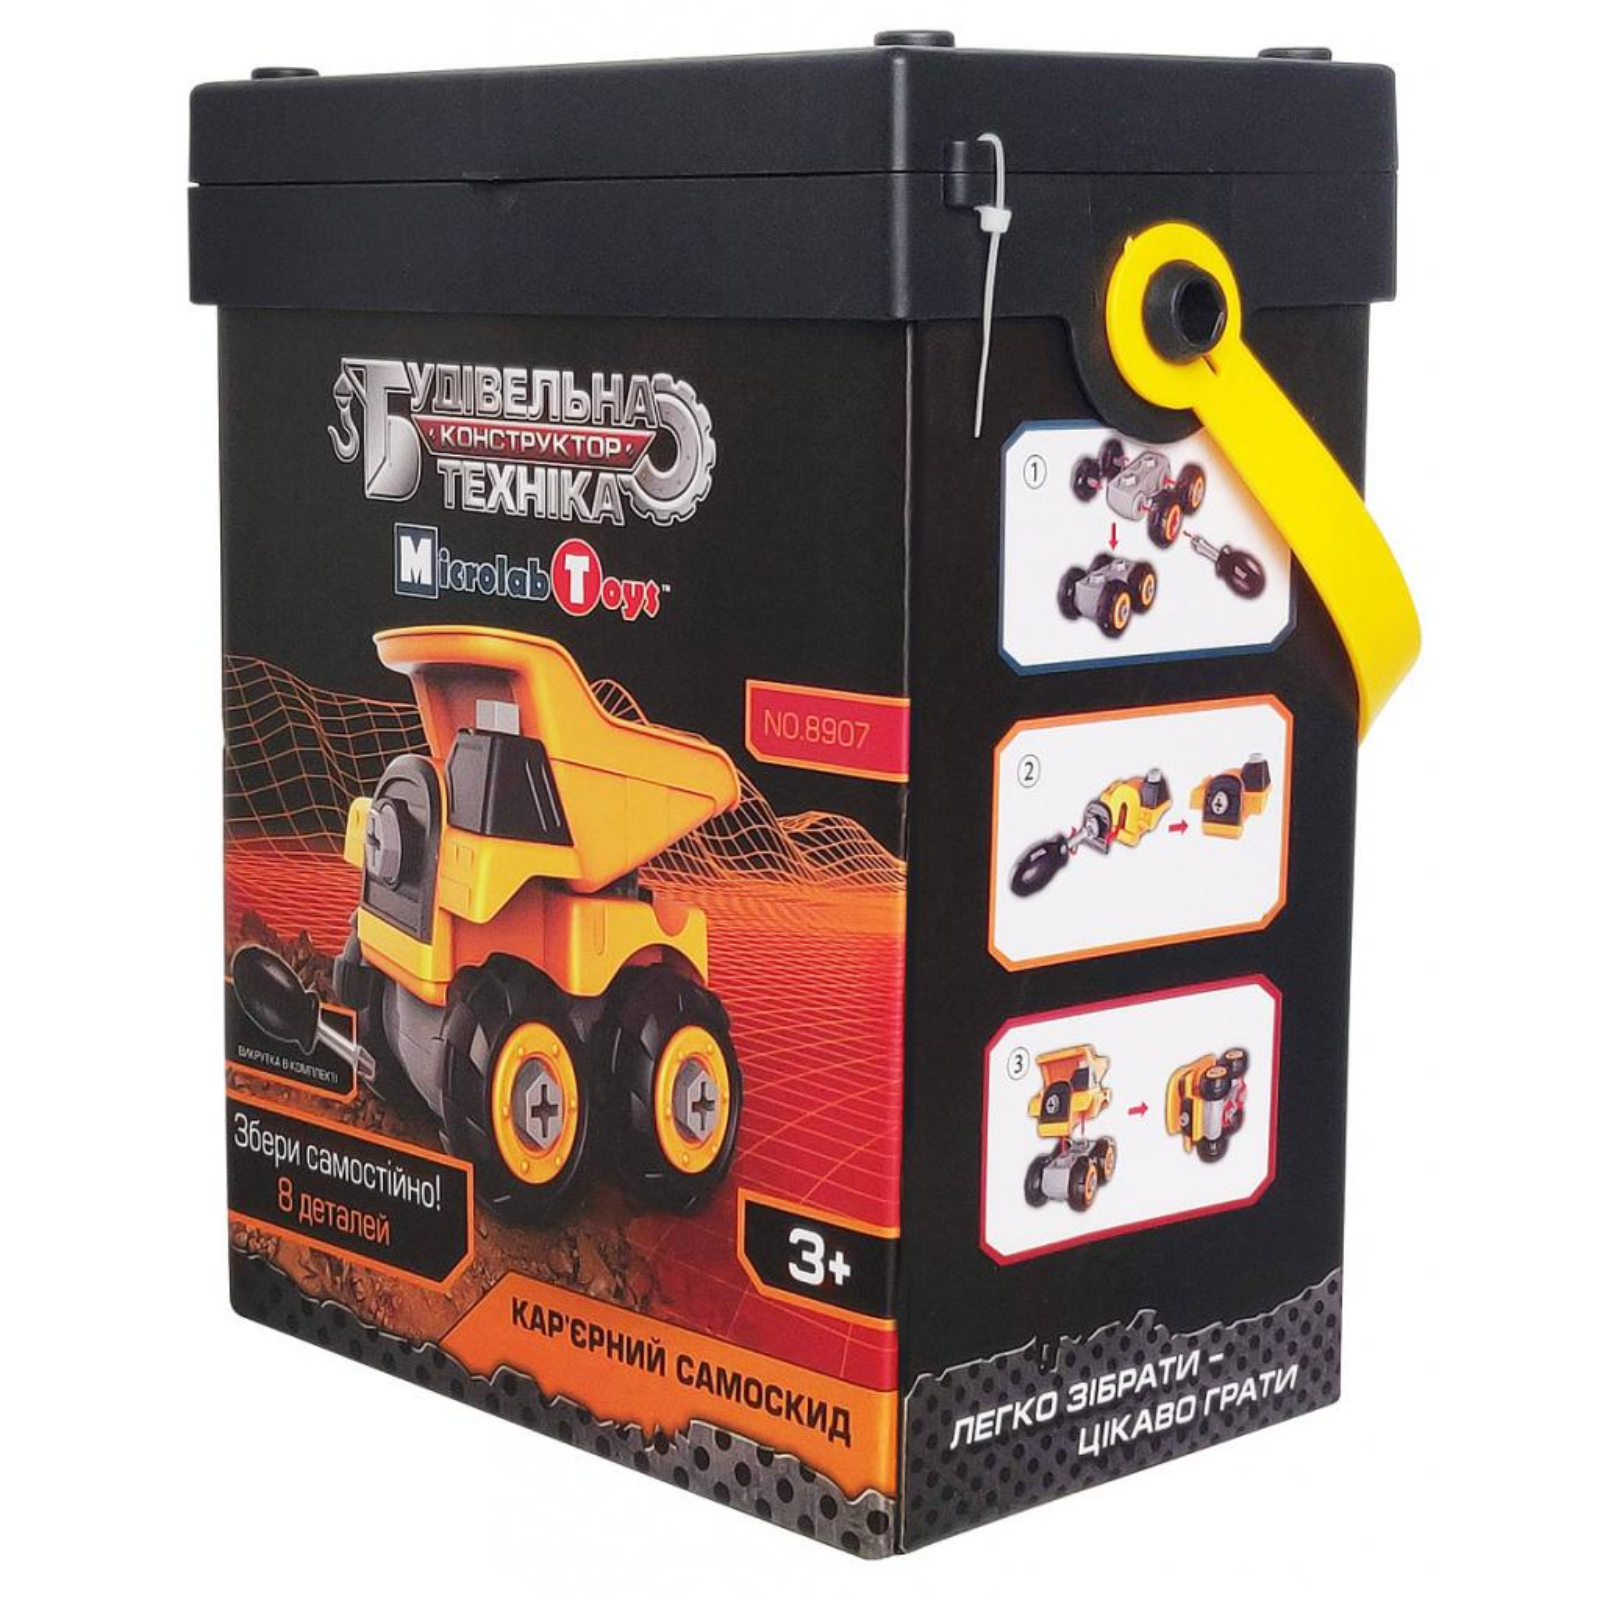 Конструктор Microlab Toys Строительная техника - карьерный самосвал (MT8907) изображение 3